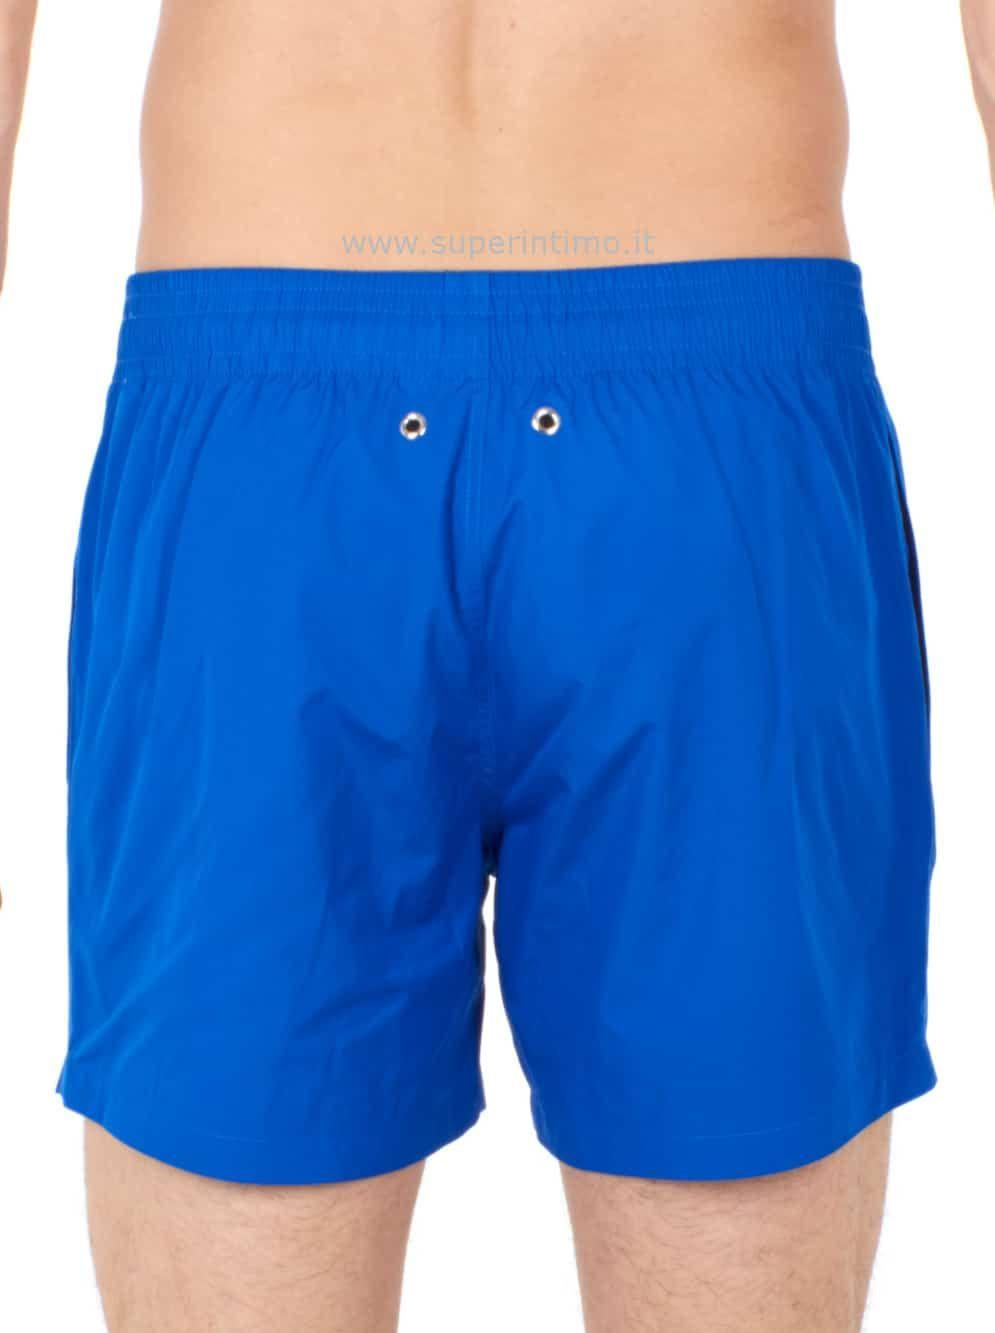 Hom Preppy Beach Boxer Costume a Pantaloncino Uomo